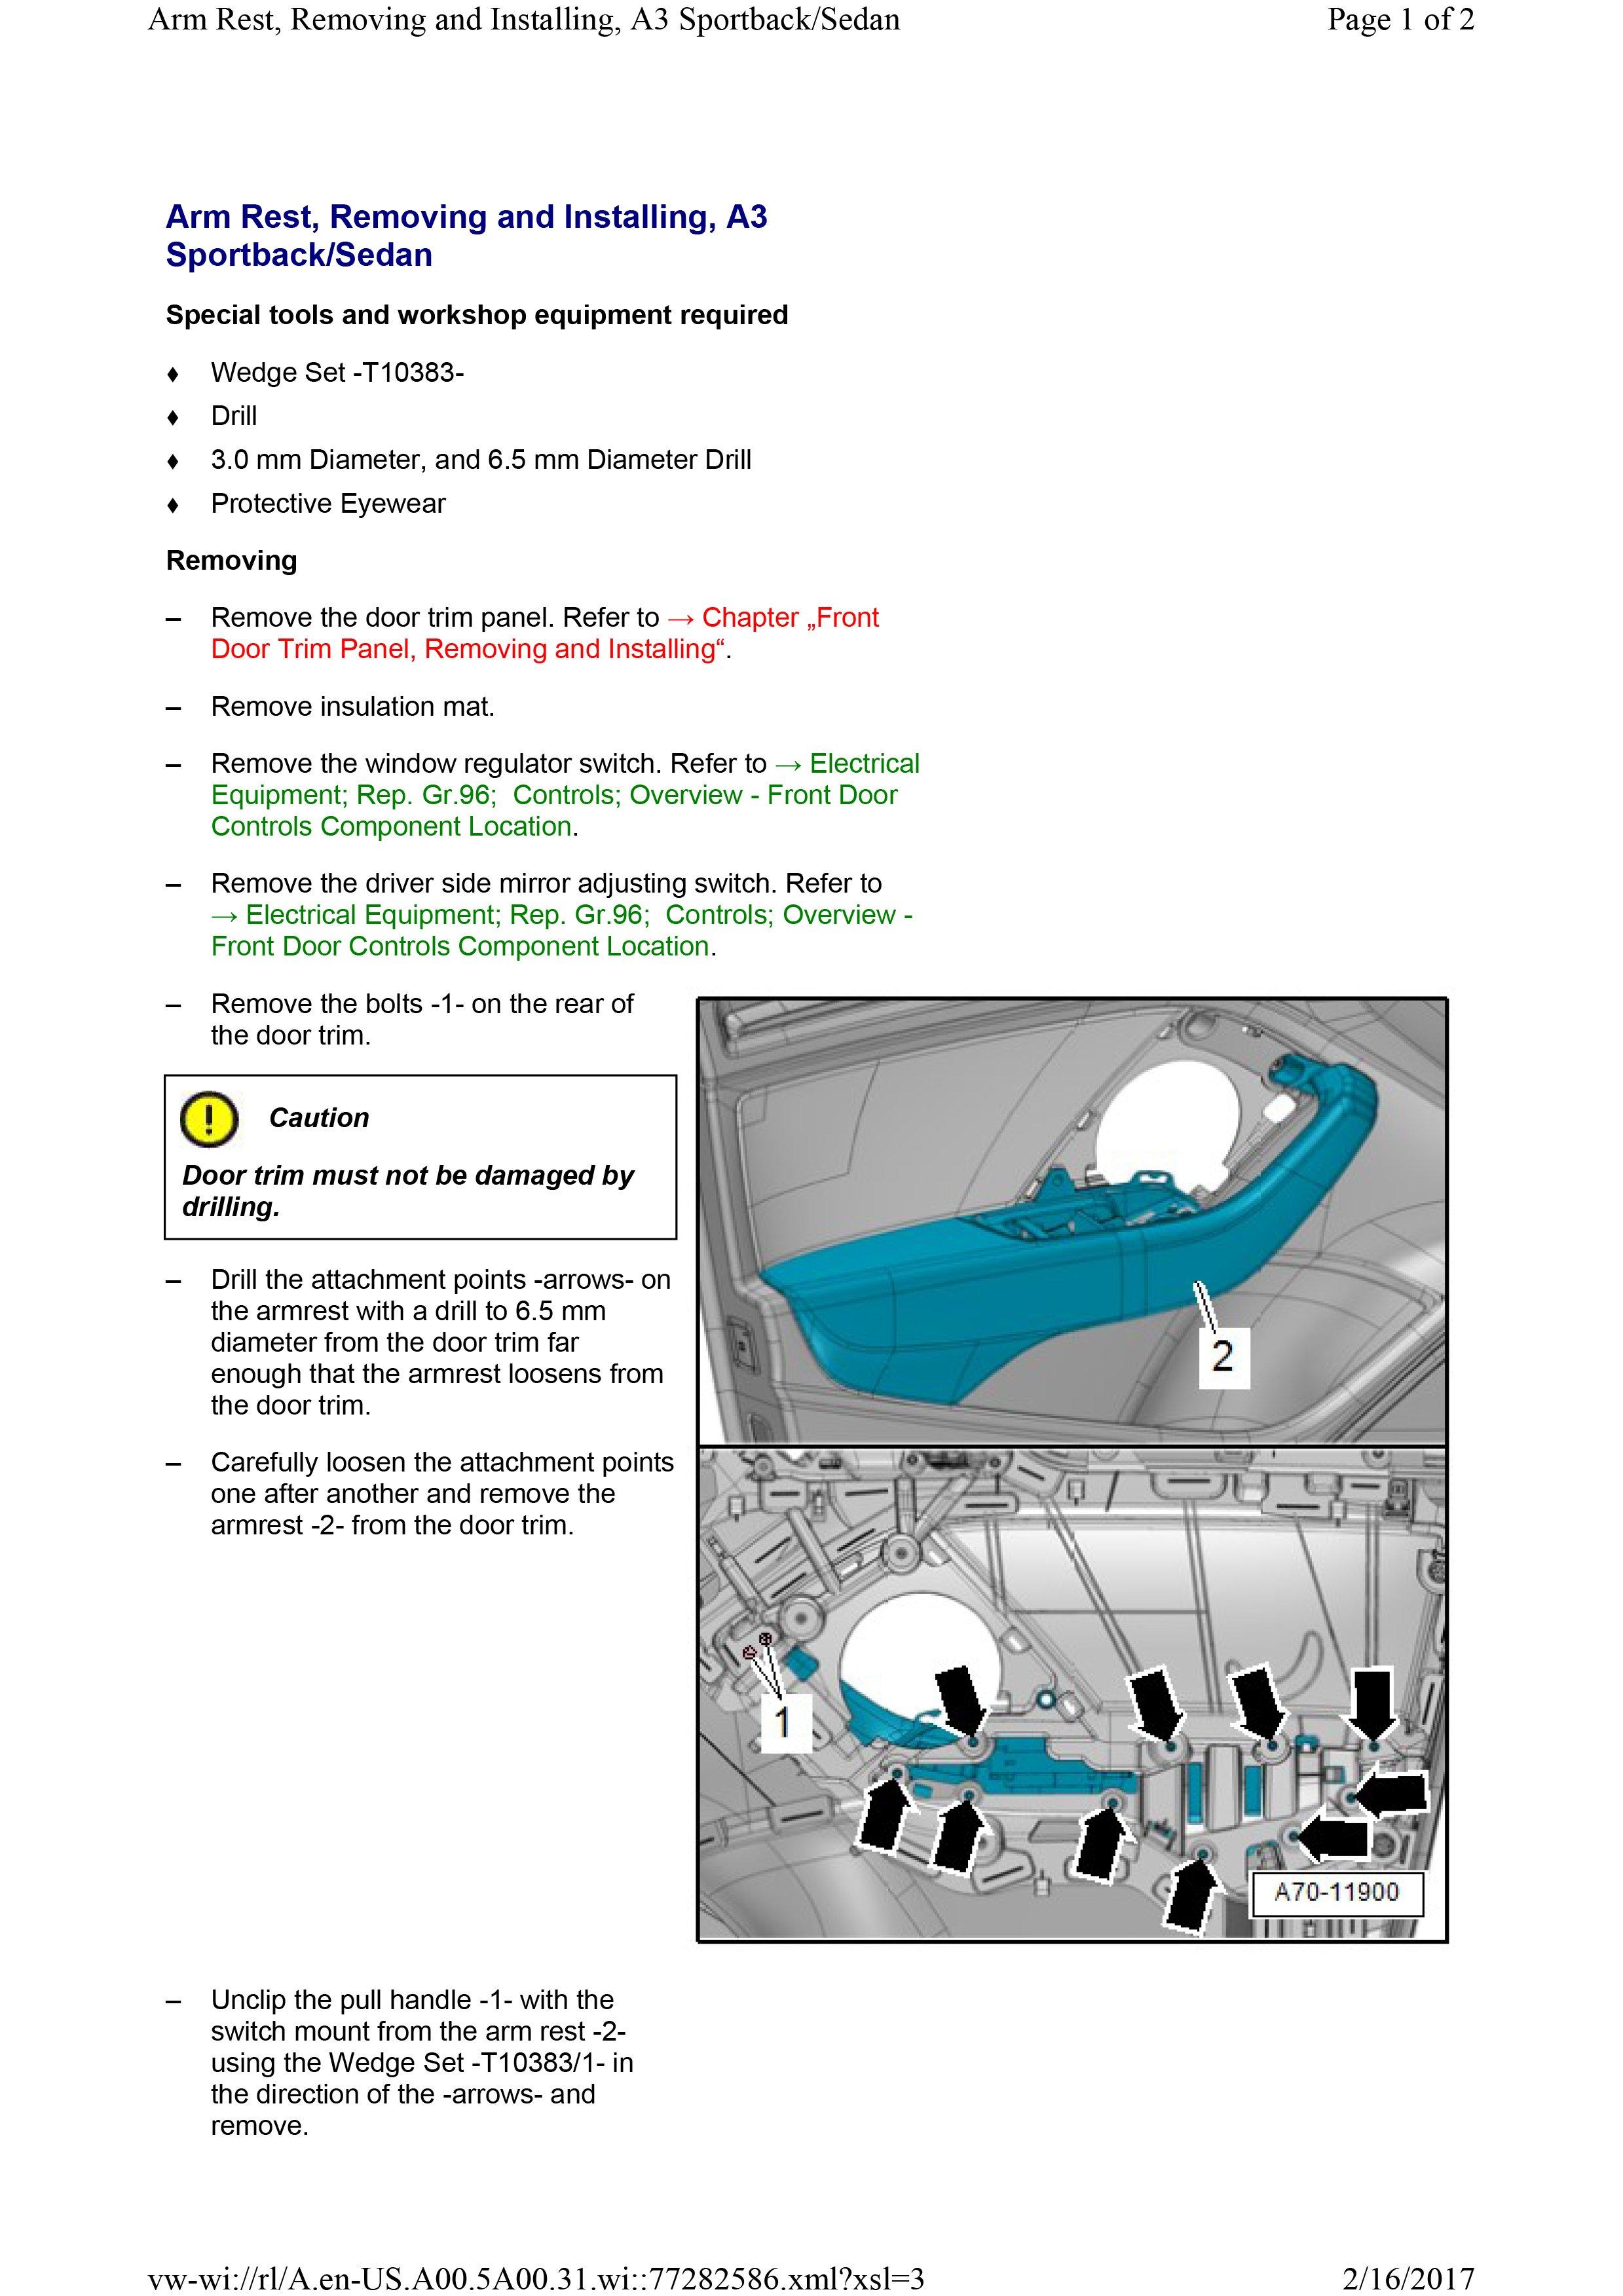 armrest 1.jpg